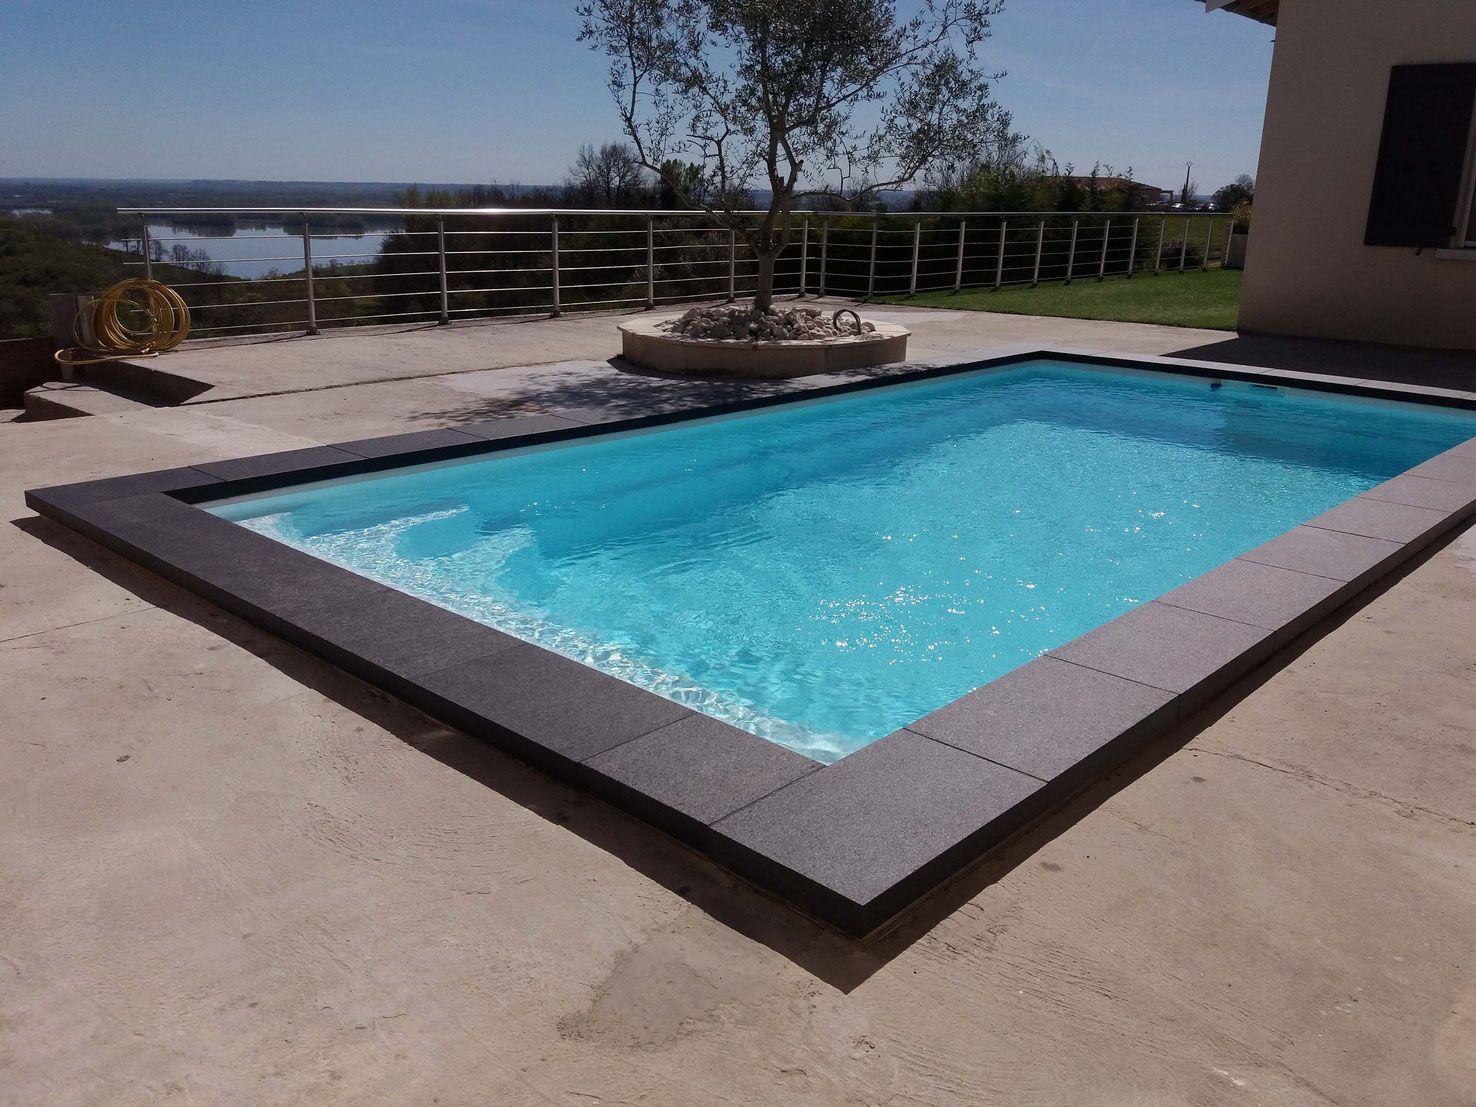 Gilbert piscines sas installateur piscine enterr e coque - Piscine enterree coque ...